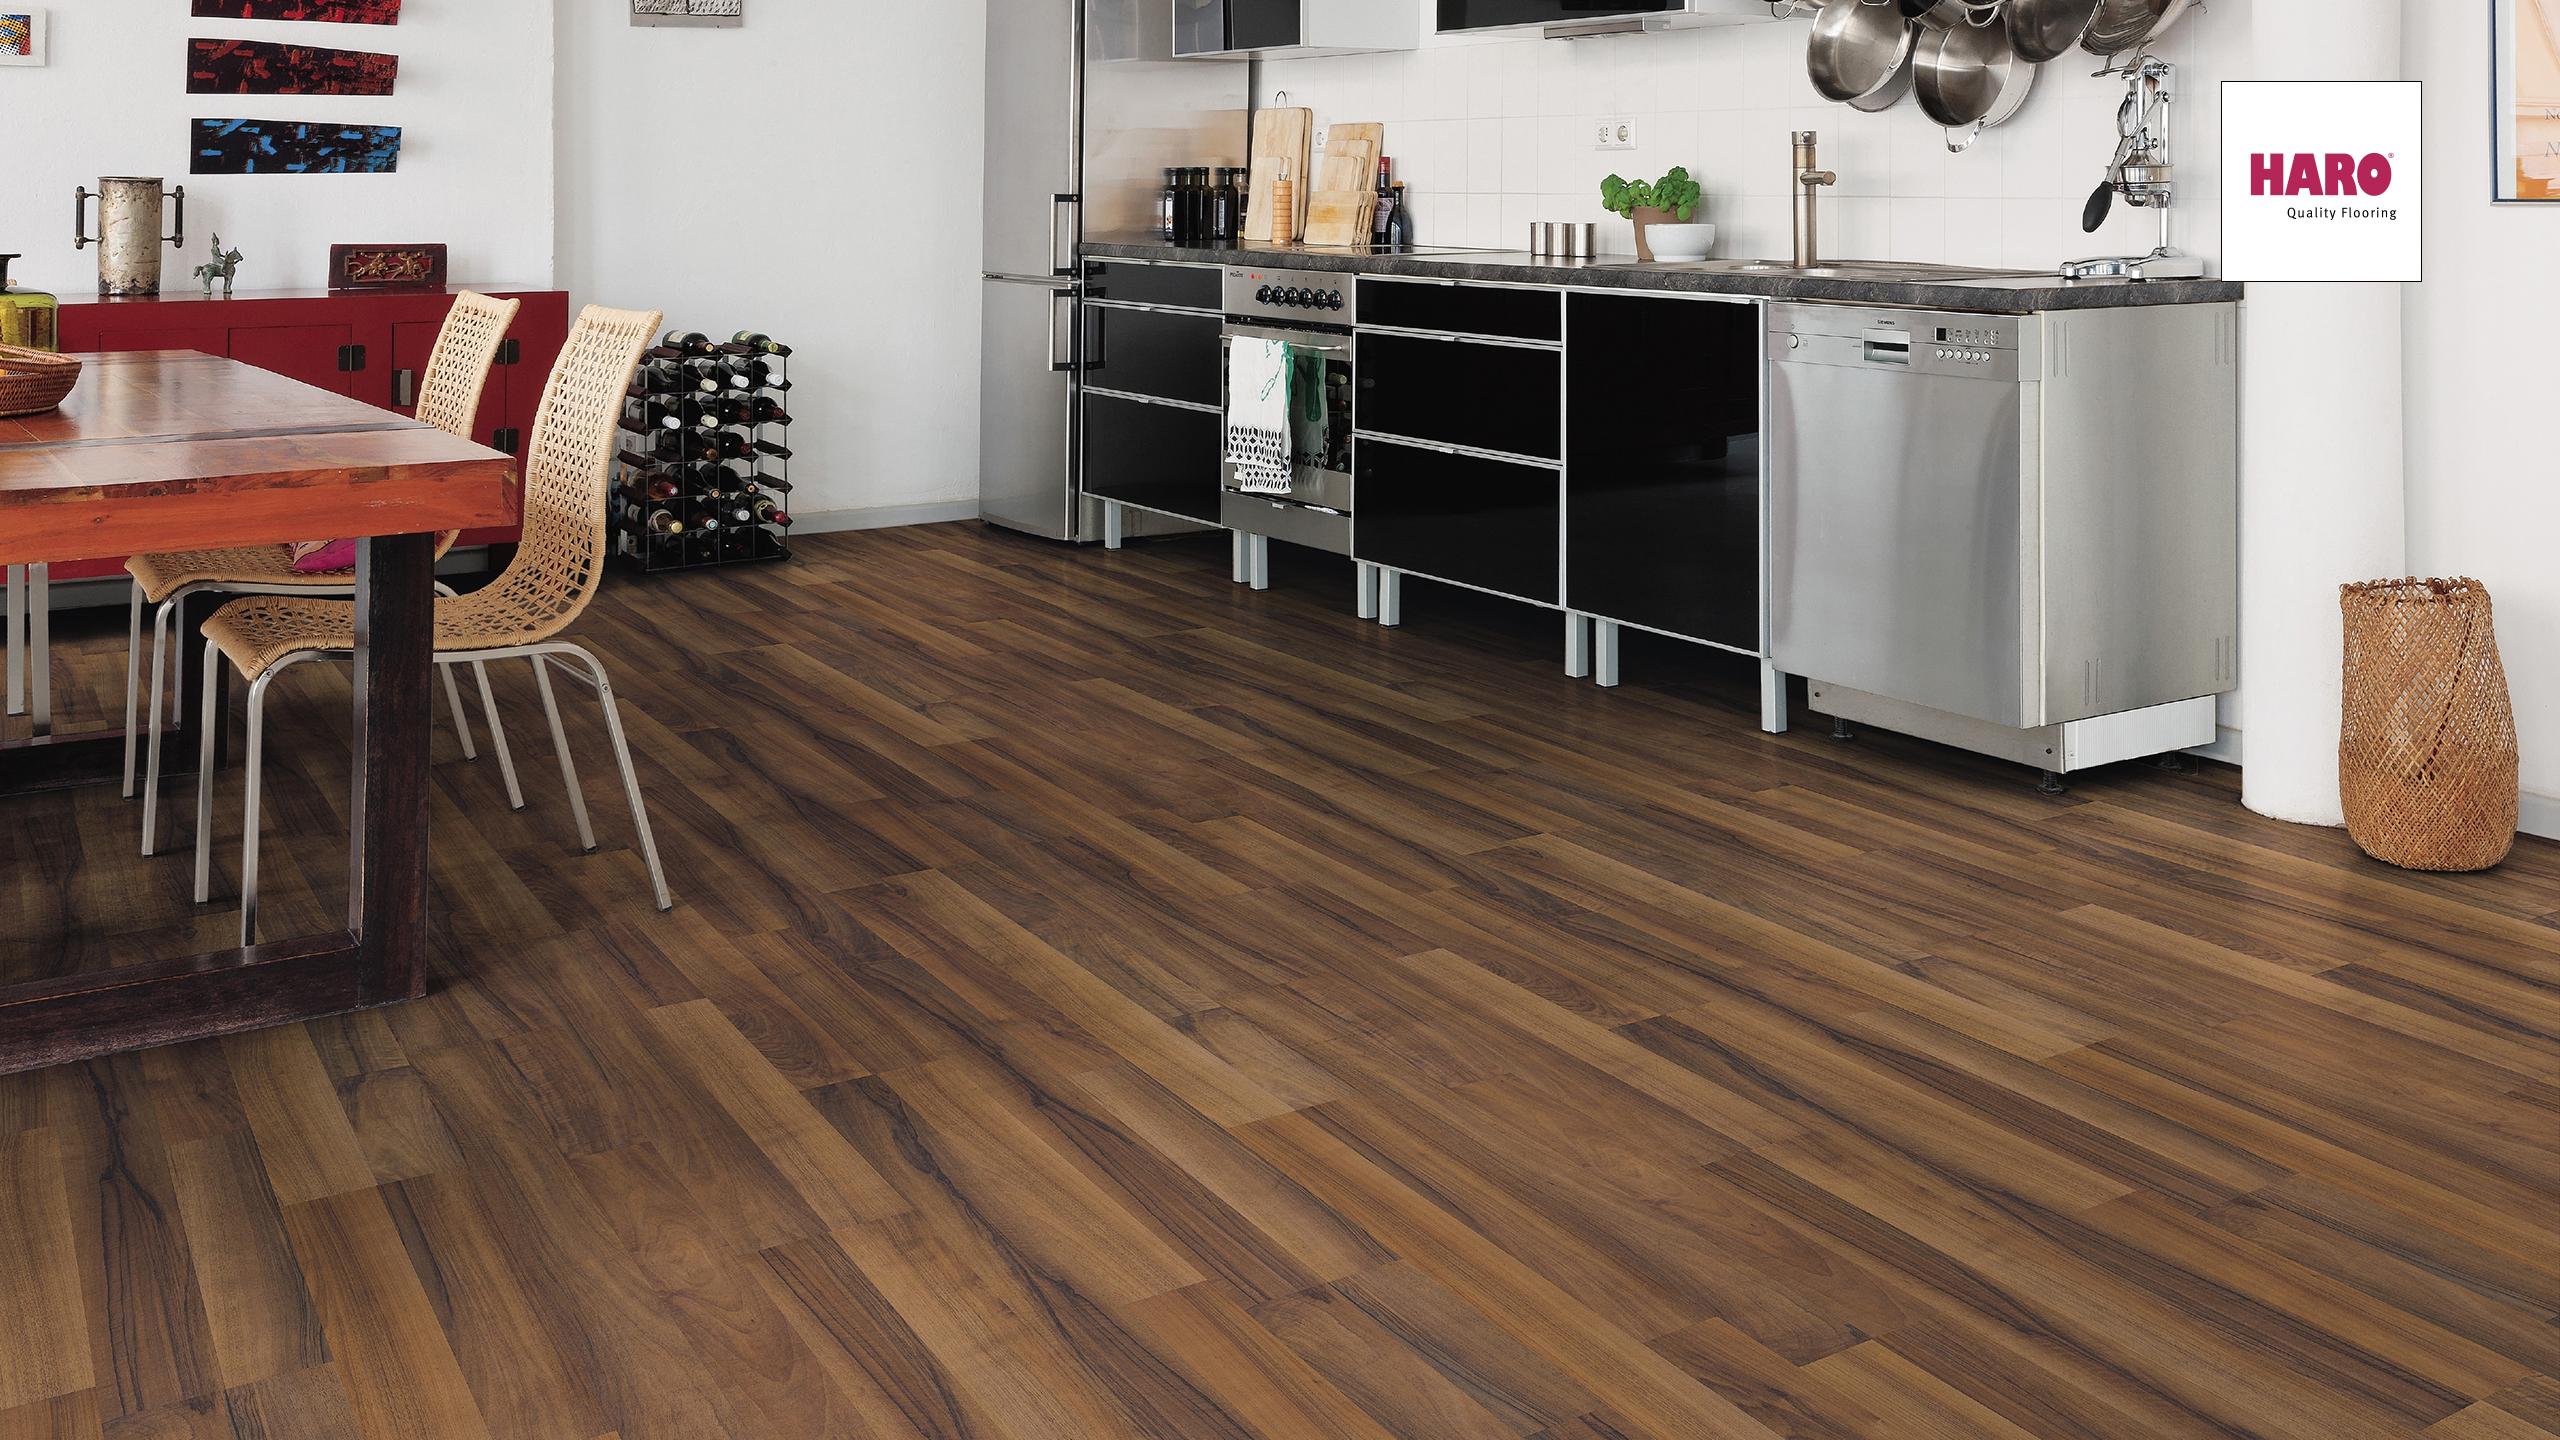 haro nussbaum laminat hohe qualit t tiefe preise. Black Bedroom Furniture Sets. Home Design Ideas